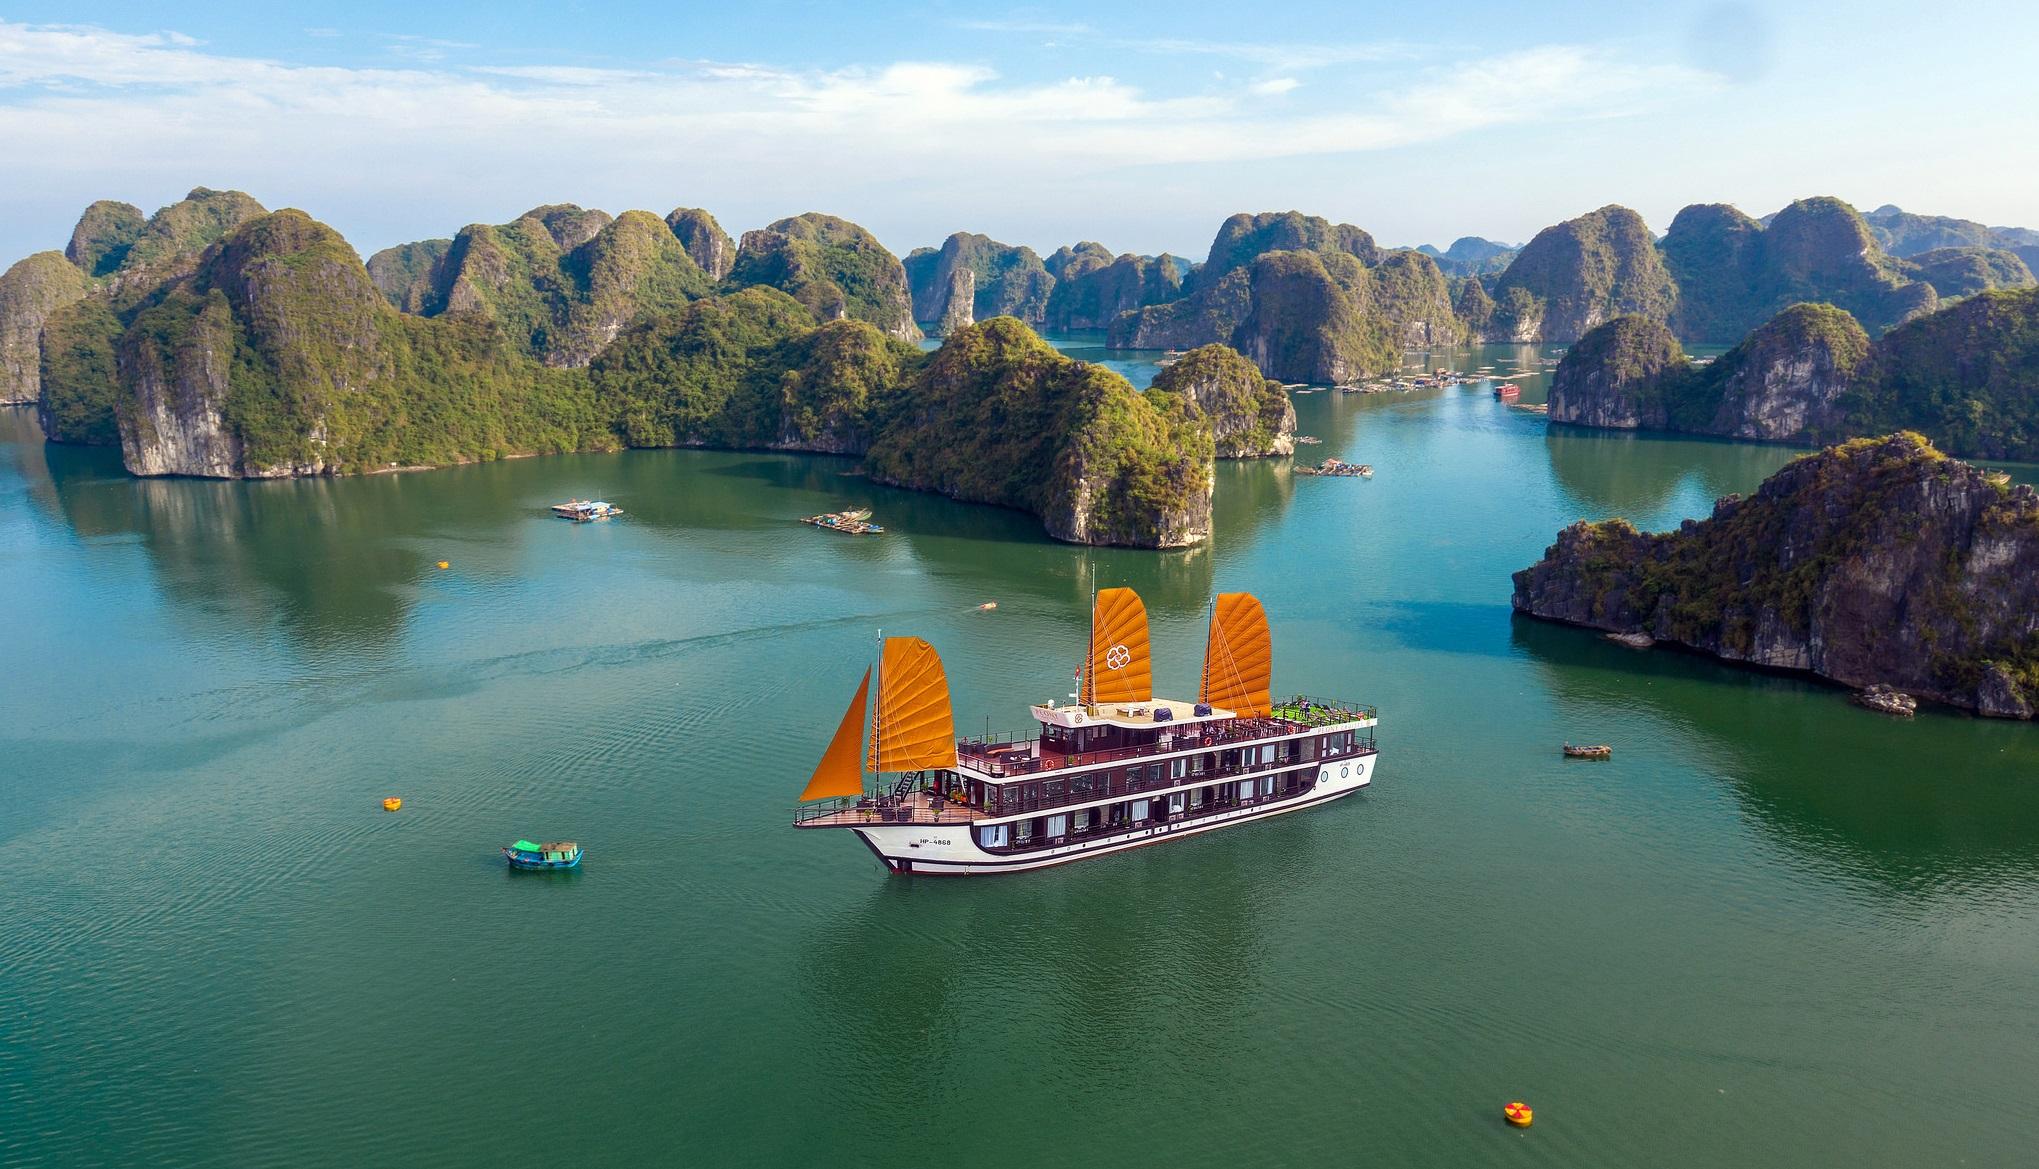 Kinh nghiệm du lịch Hạ Long chinh phục kỳ quan thiên nhiên thế giới mới